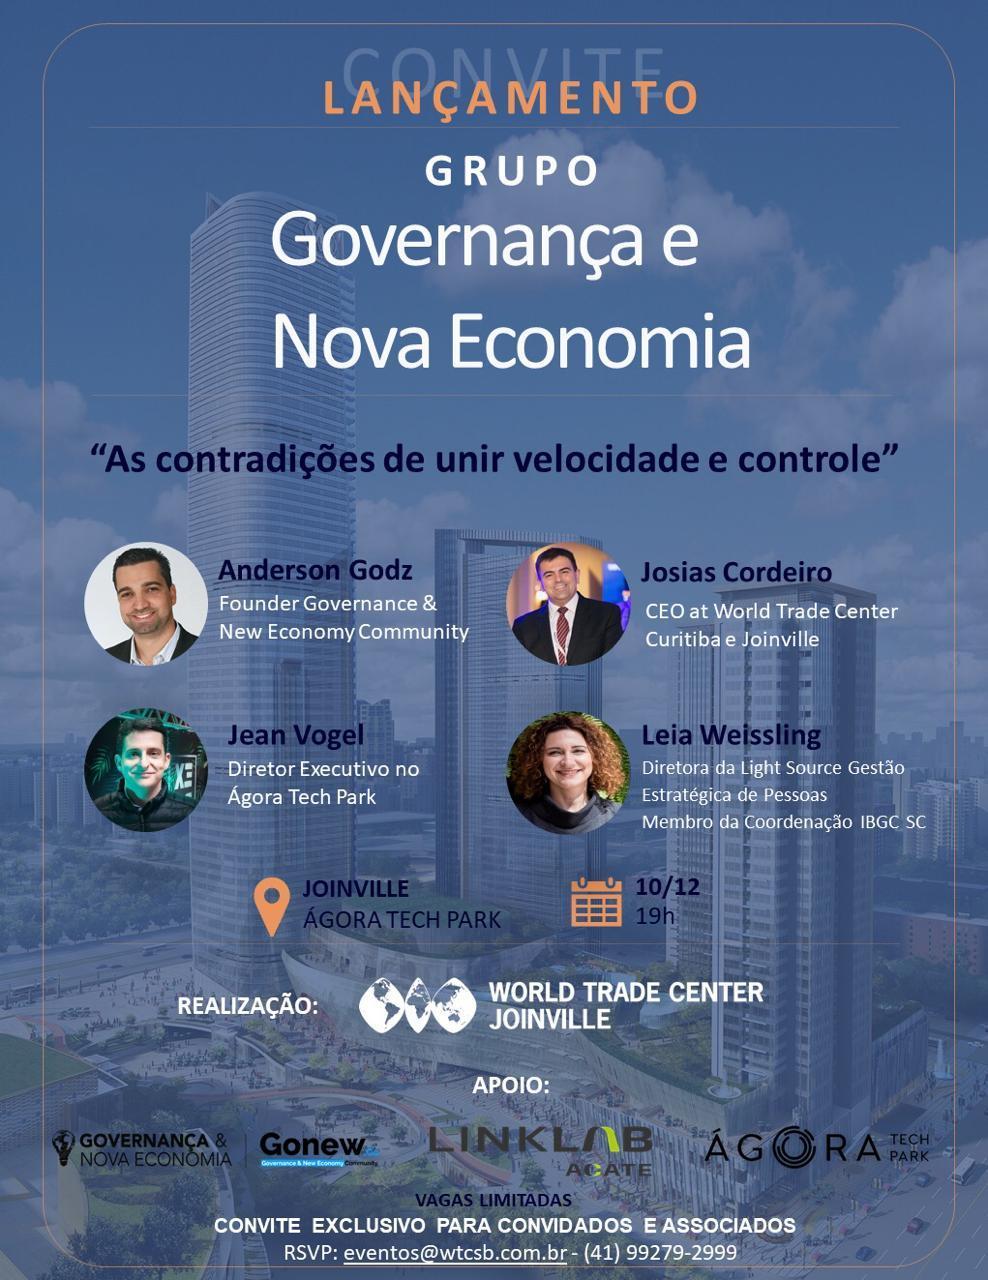 Lançamento do Grupo de Governança & Nova Economia em Joinville